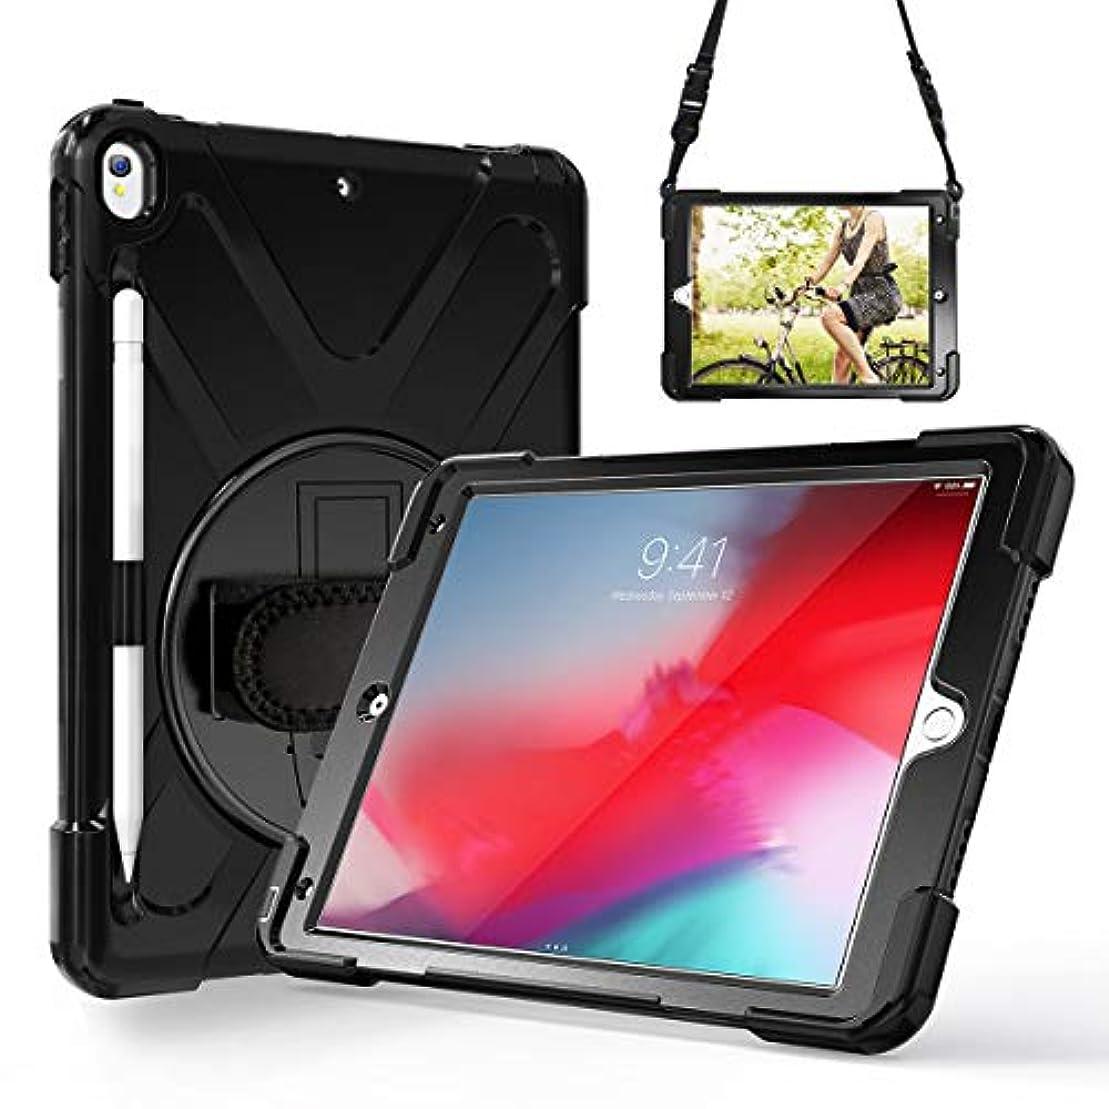 アクティブ巻き戻す習熟度HOTSALEUK iPad Air 2019 ケース iPad Pro 10.5 ケース 耐衝撃 ショルダー 肩掛け 360度回転きスタンド機能は子供 ショルダー ハンド ストラップ 三層構造 バックカバー 便利なペンホルダー付 2019年発売の10.5インチ iPad 対応-両用タッチペン付き(ブラック)